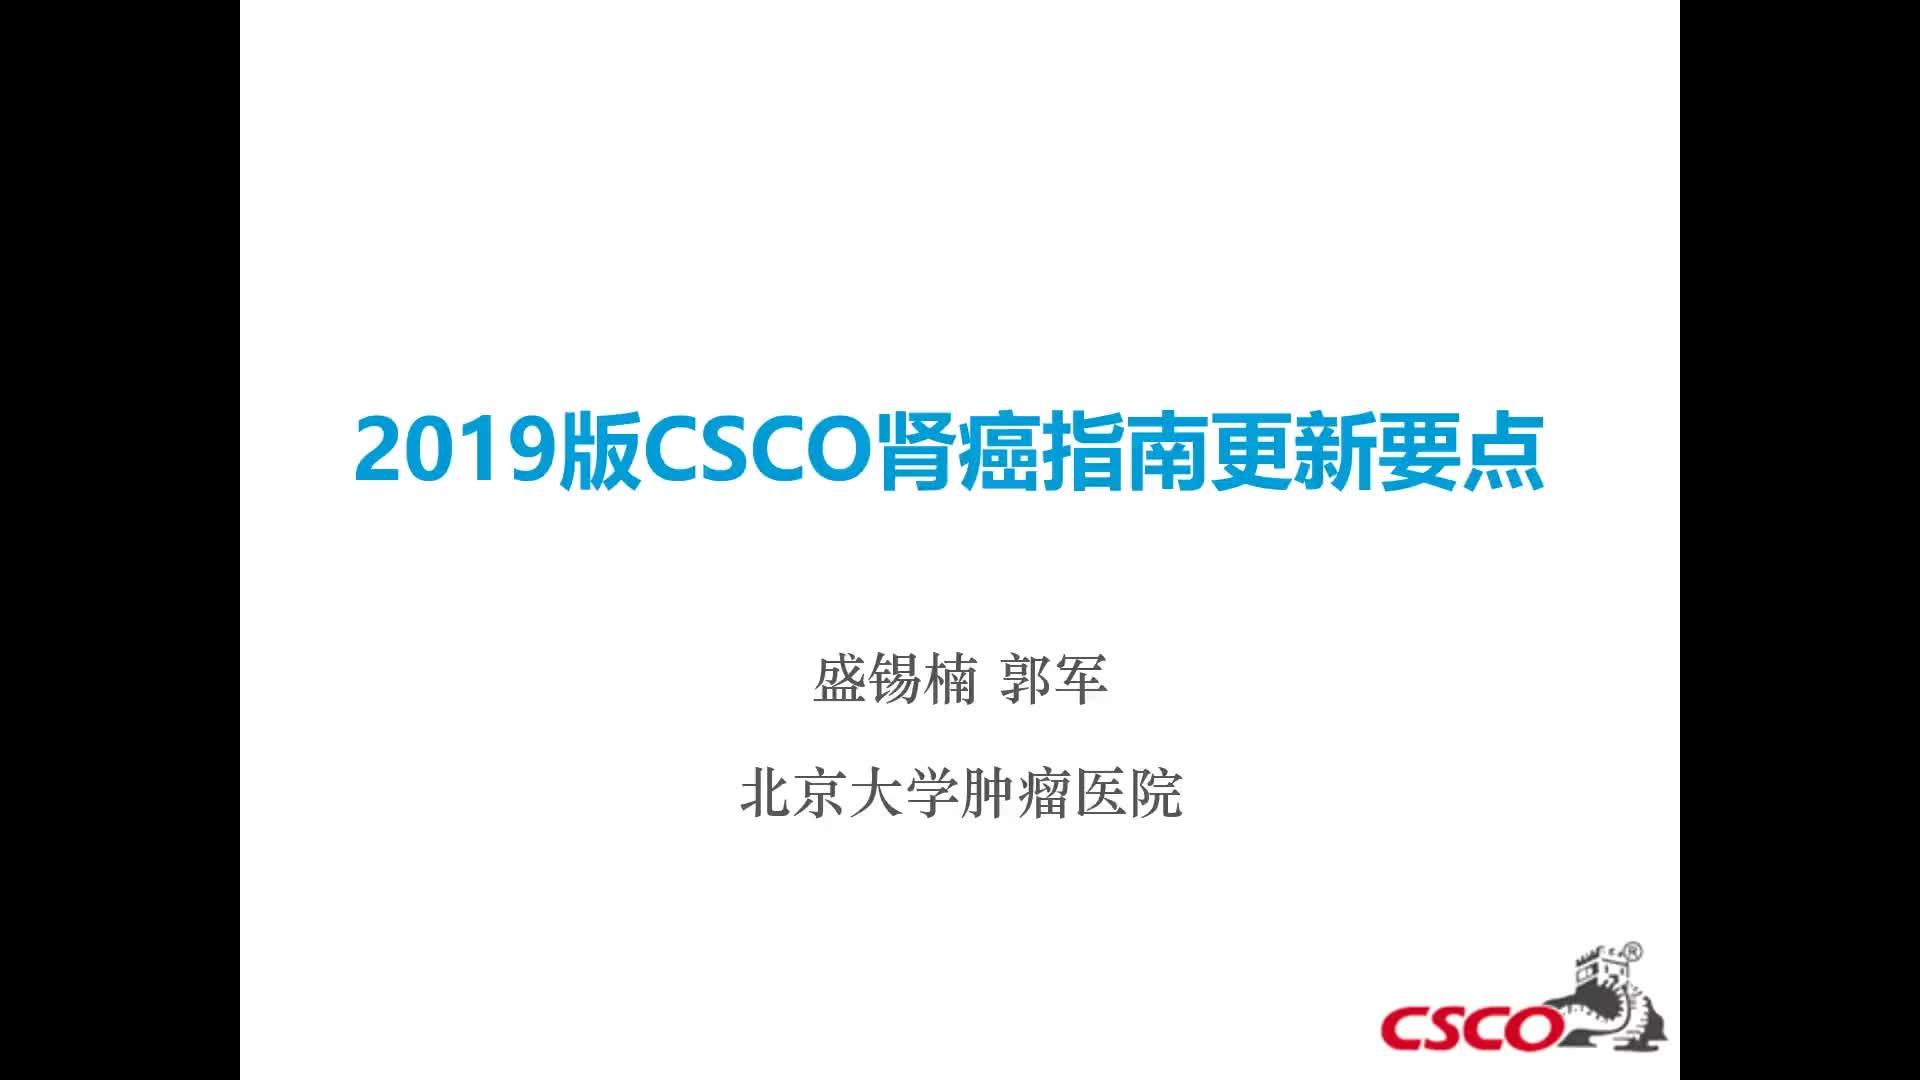 2019CSCO肾癌指南更新要点